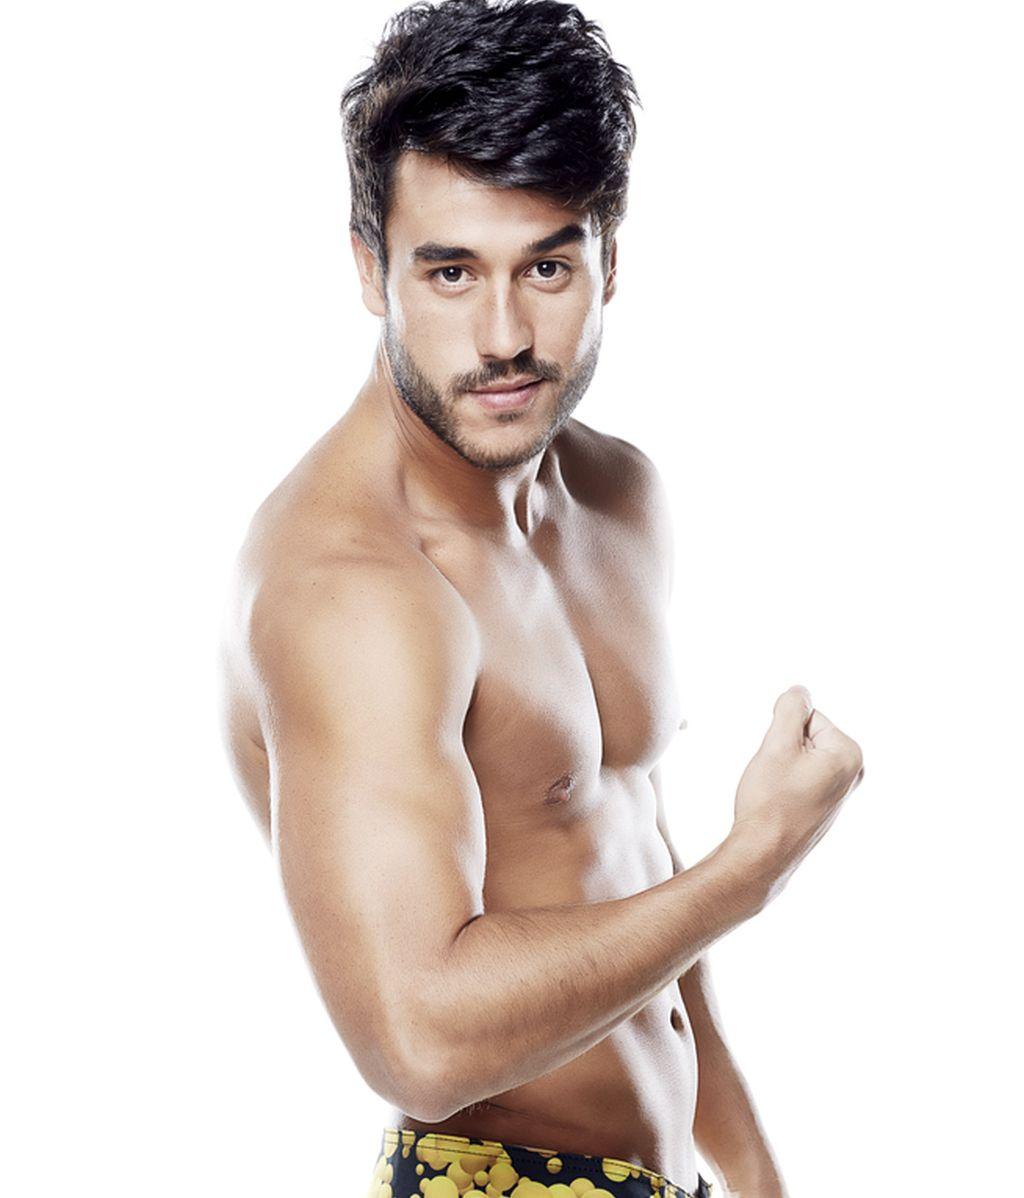 Igor Freitas, 24 años. Minas Gerais, Brasil